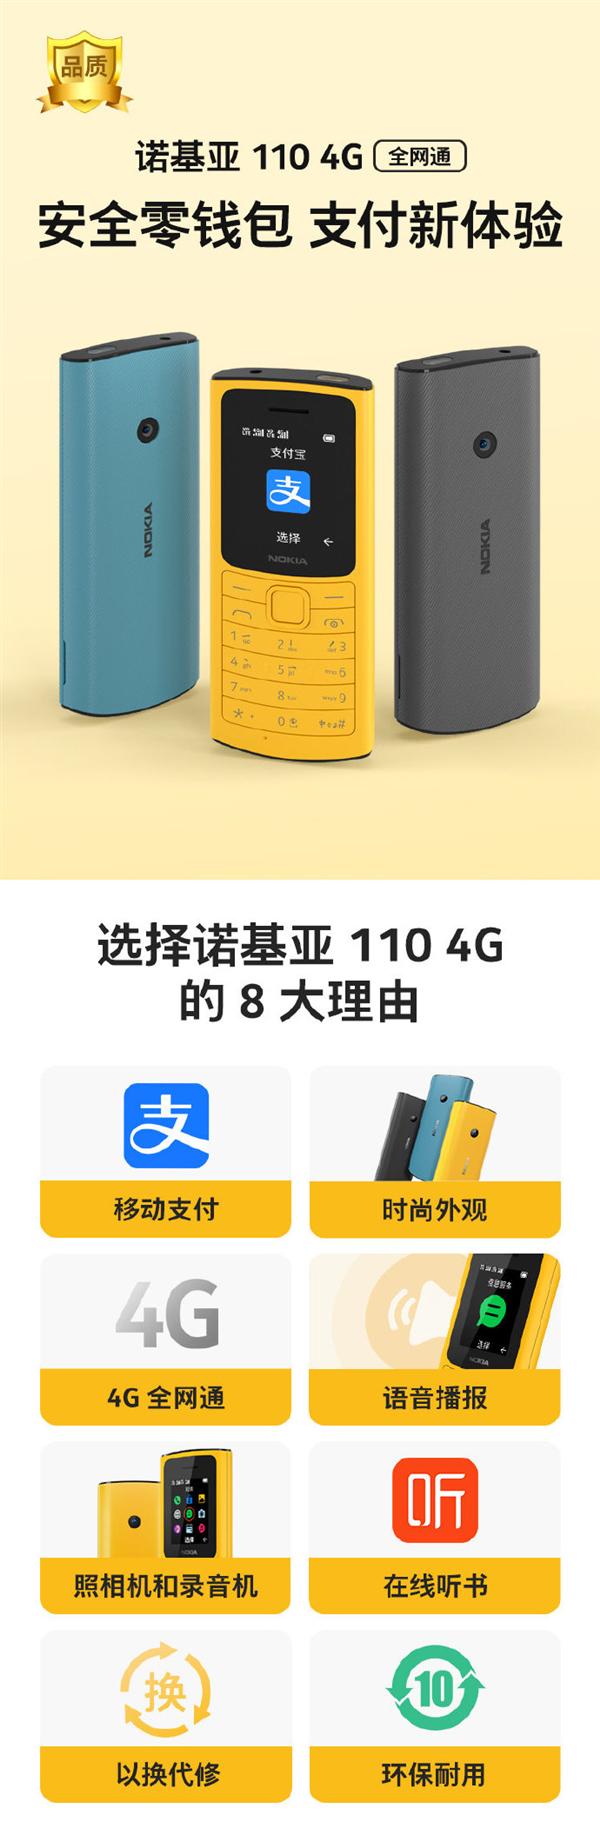 首發249元!諾基亞110 4G上市:支持支付寶付款